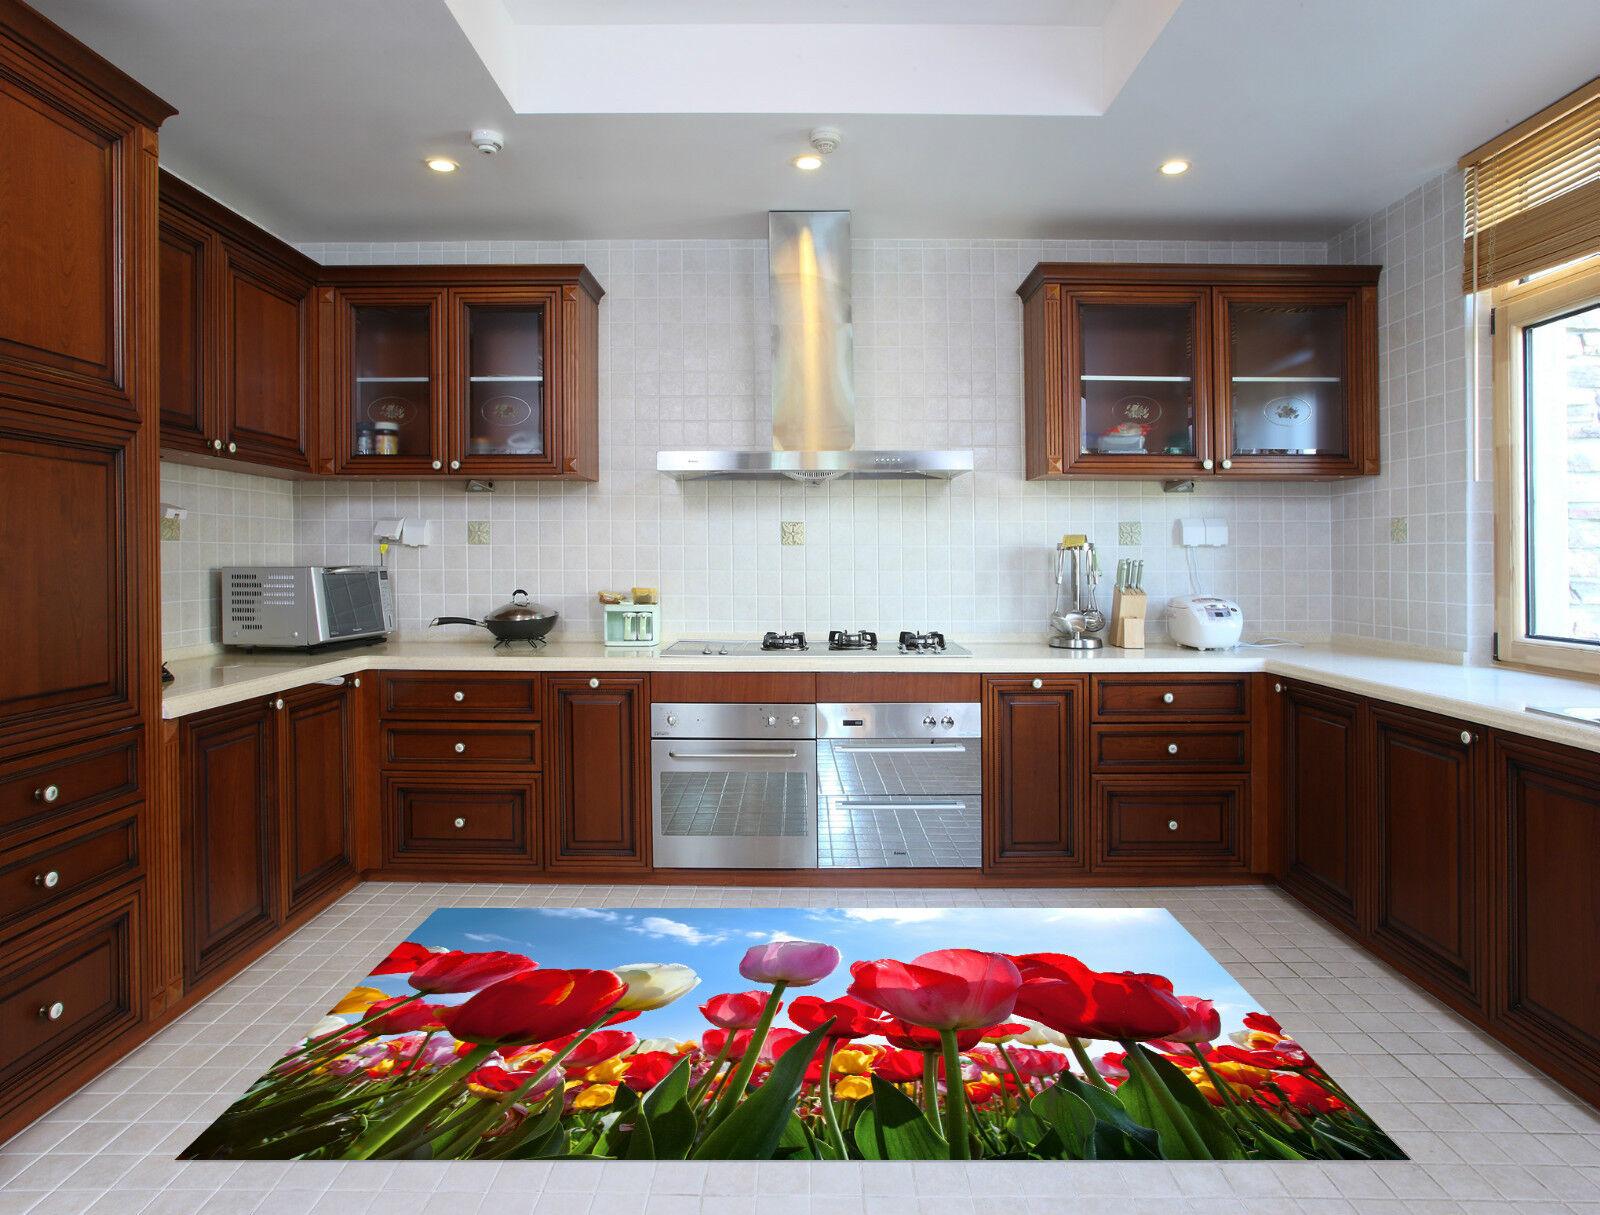 3D Bright Tulips Kitchen Mat Floor Murals Wall Print Wall Deco AJ WALLPAPER CA